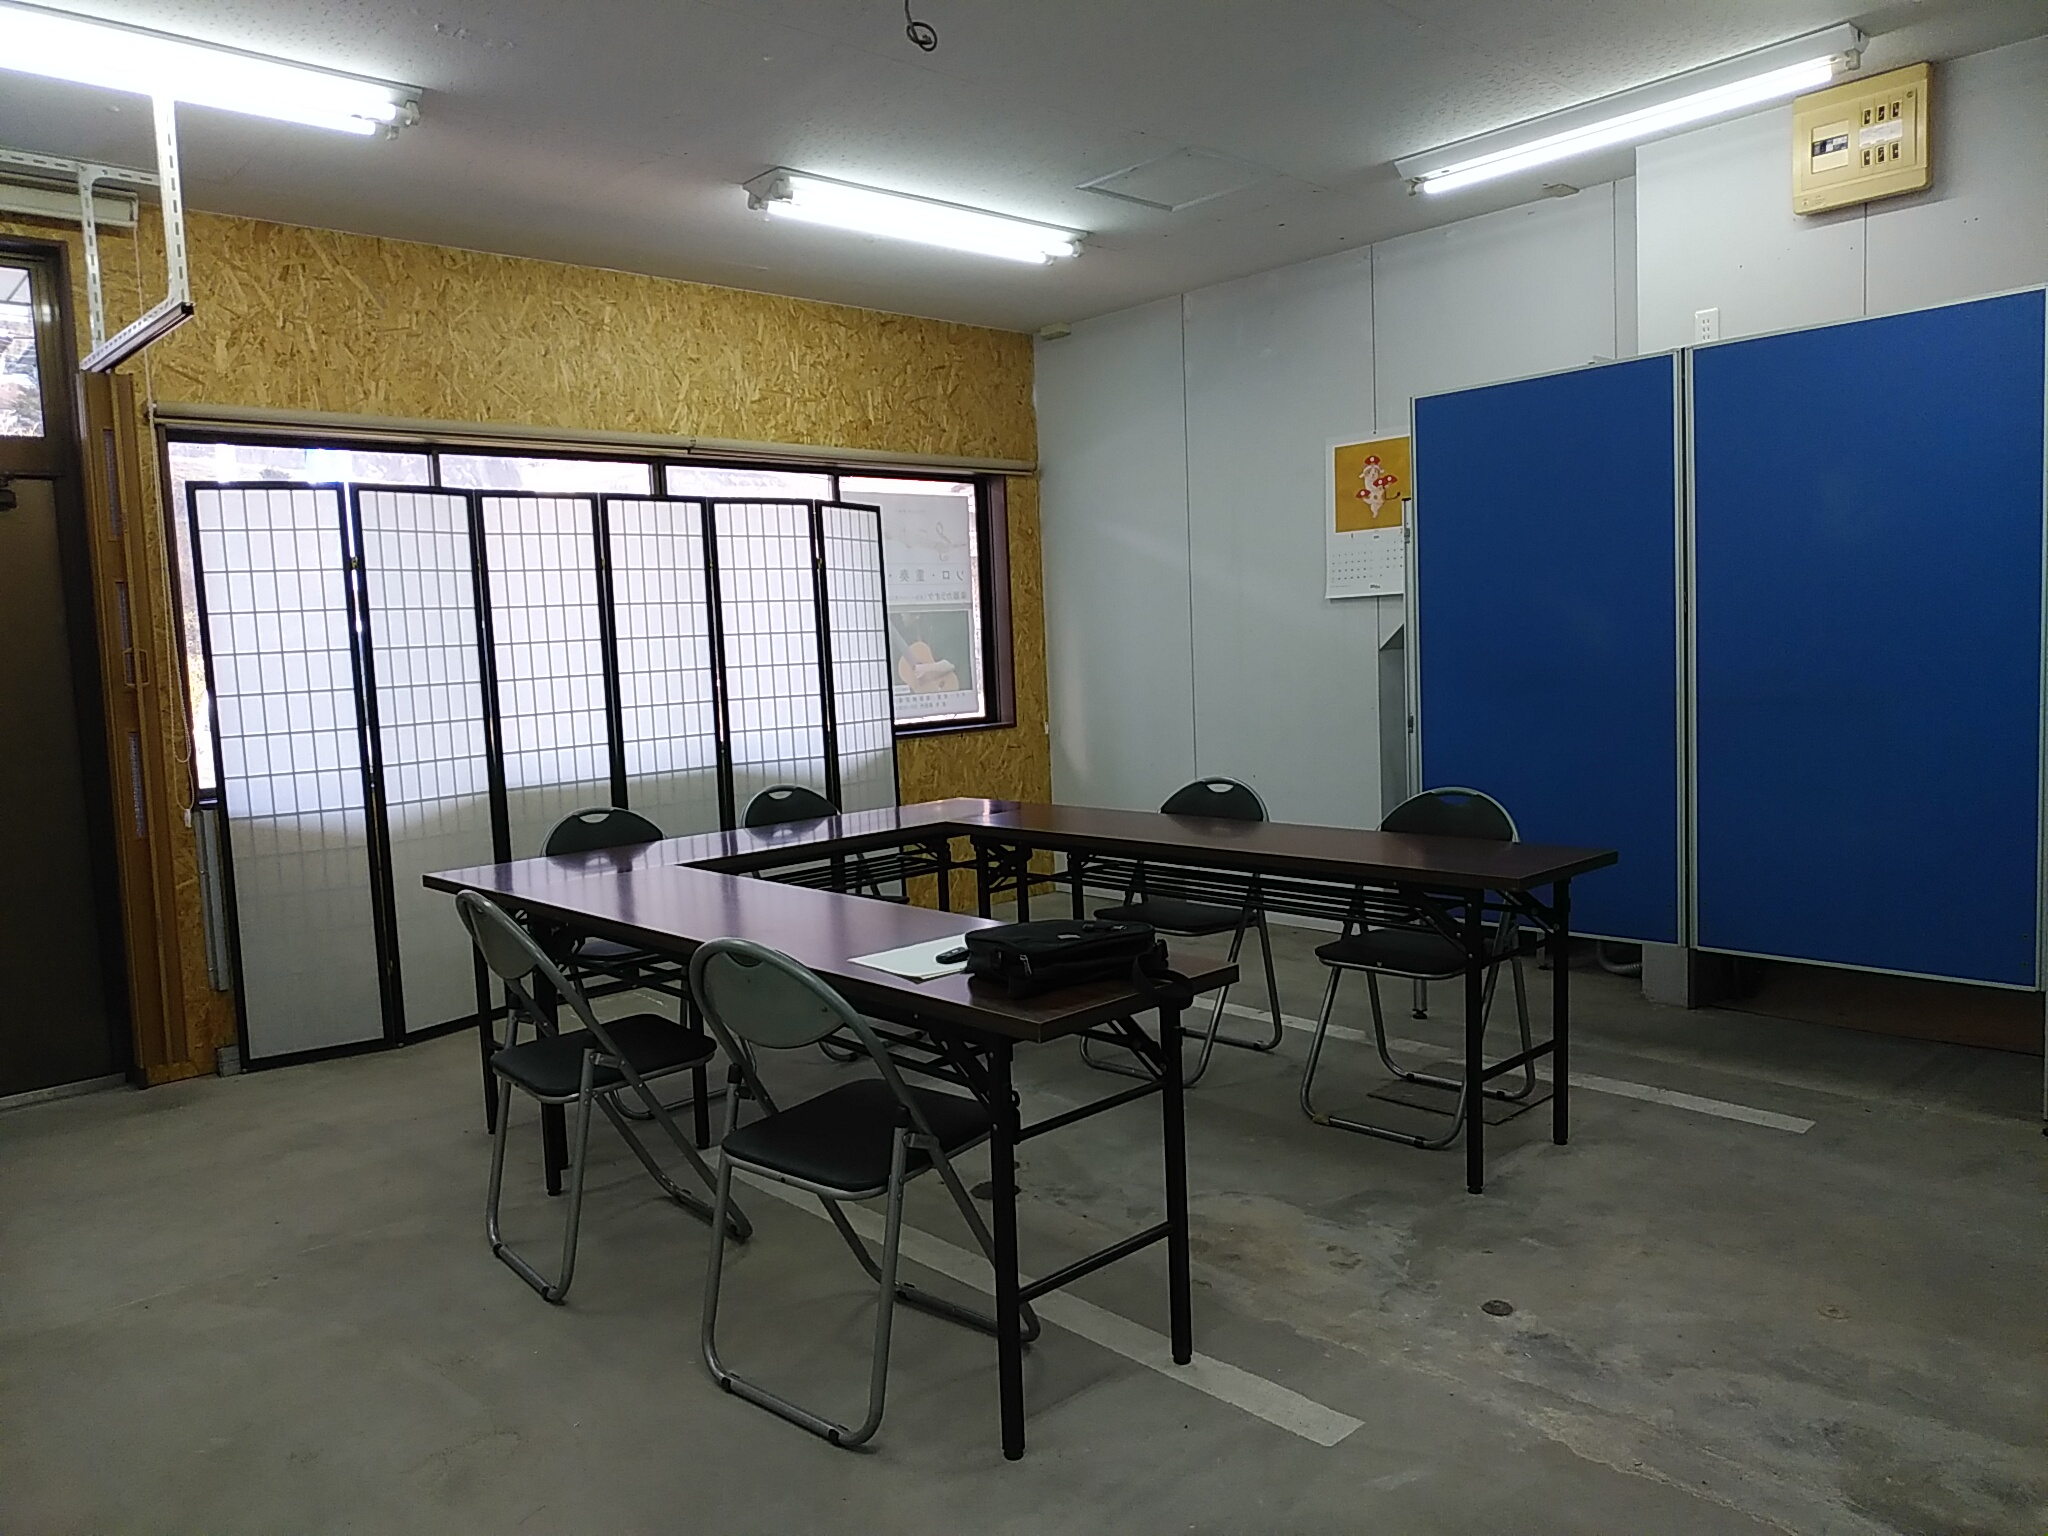 多目的自由空間(部屋)の内部